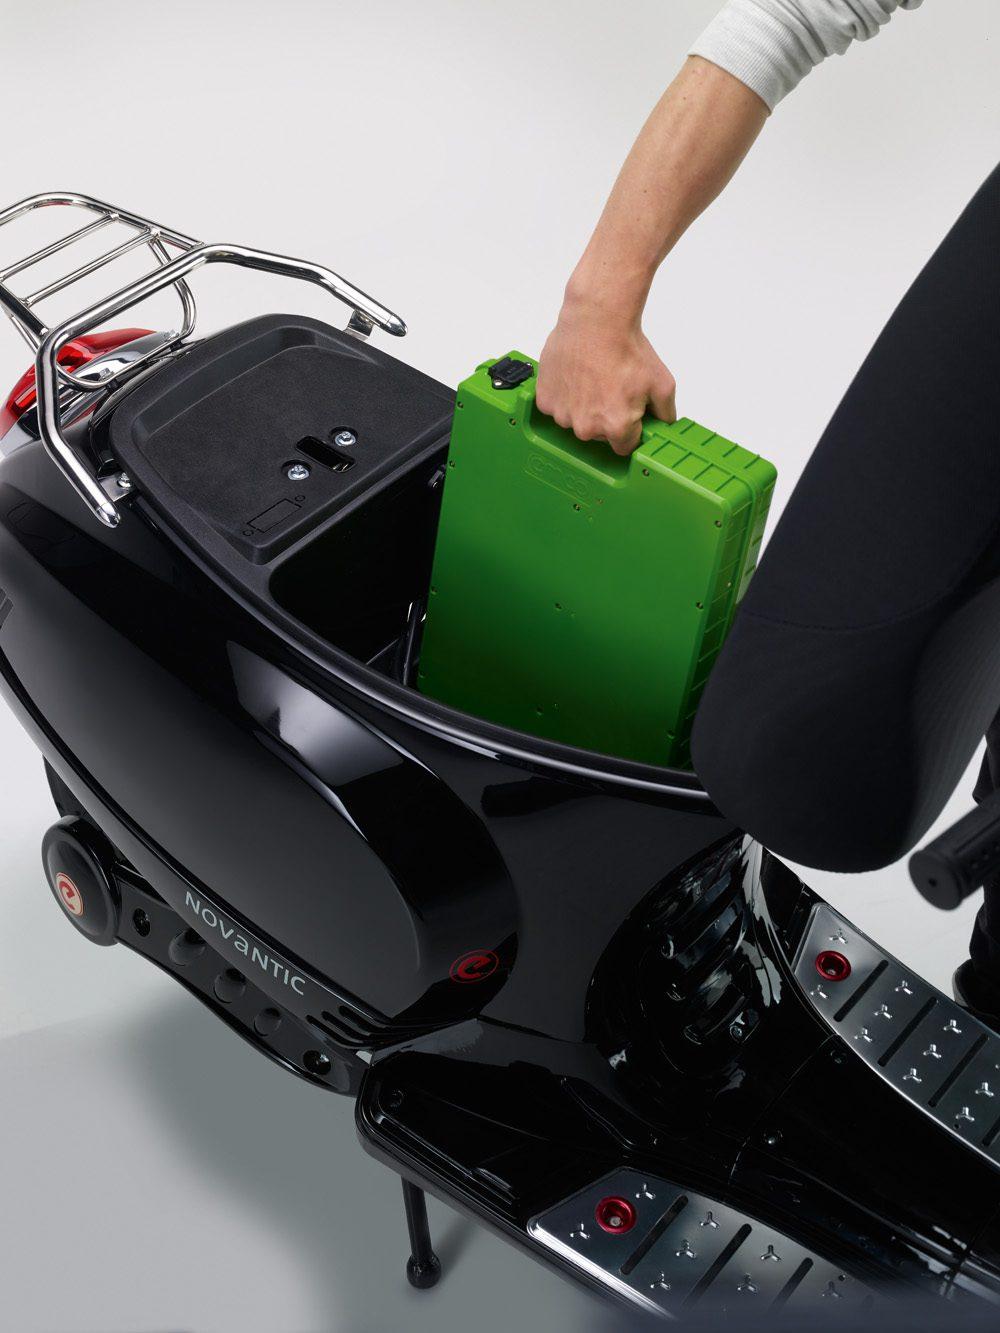 Meer elektrische scooters voor Apeldoorn